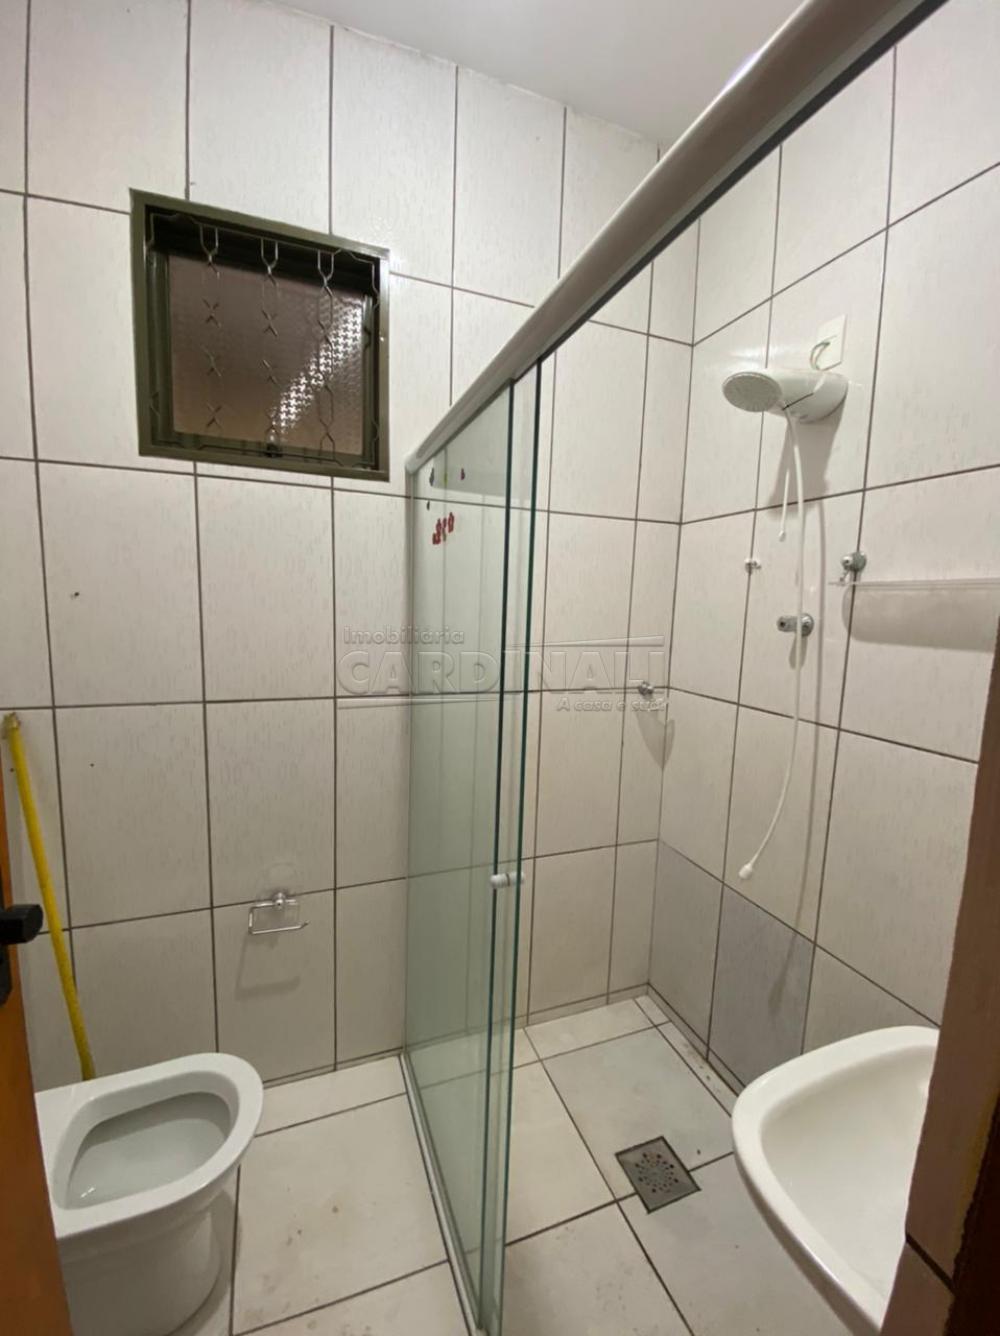 Alugar Casa / Padrão em São Carlos R$ 1.112,00 - Foto 7